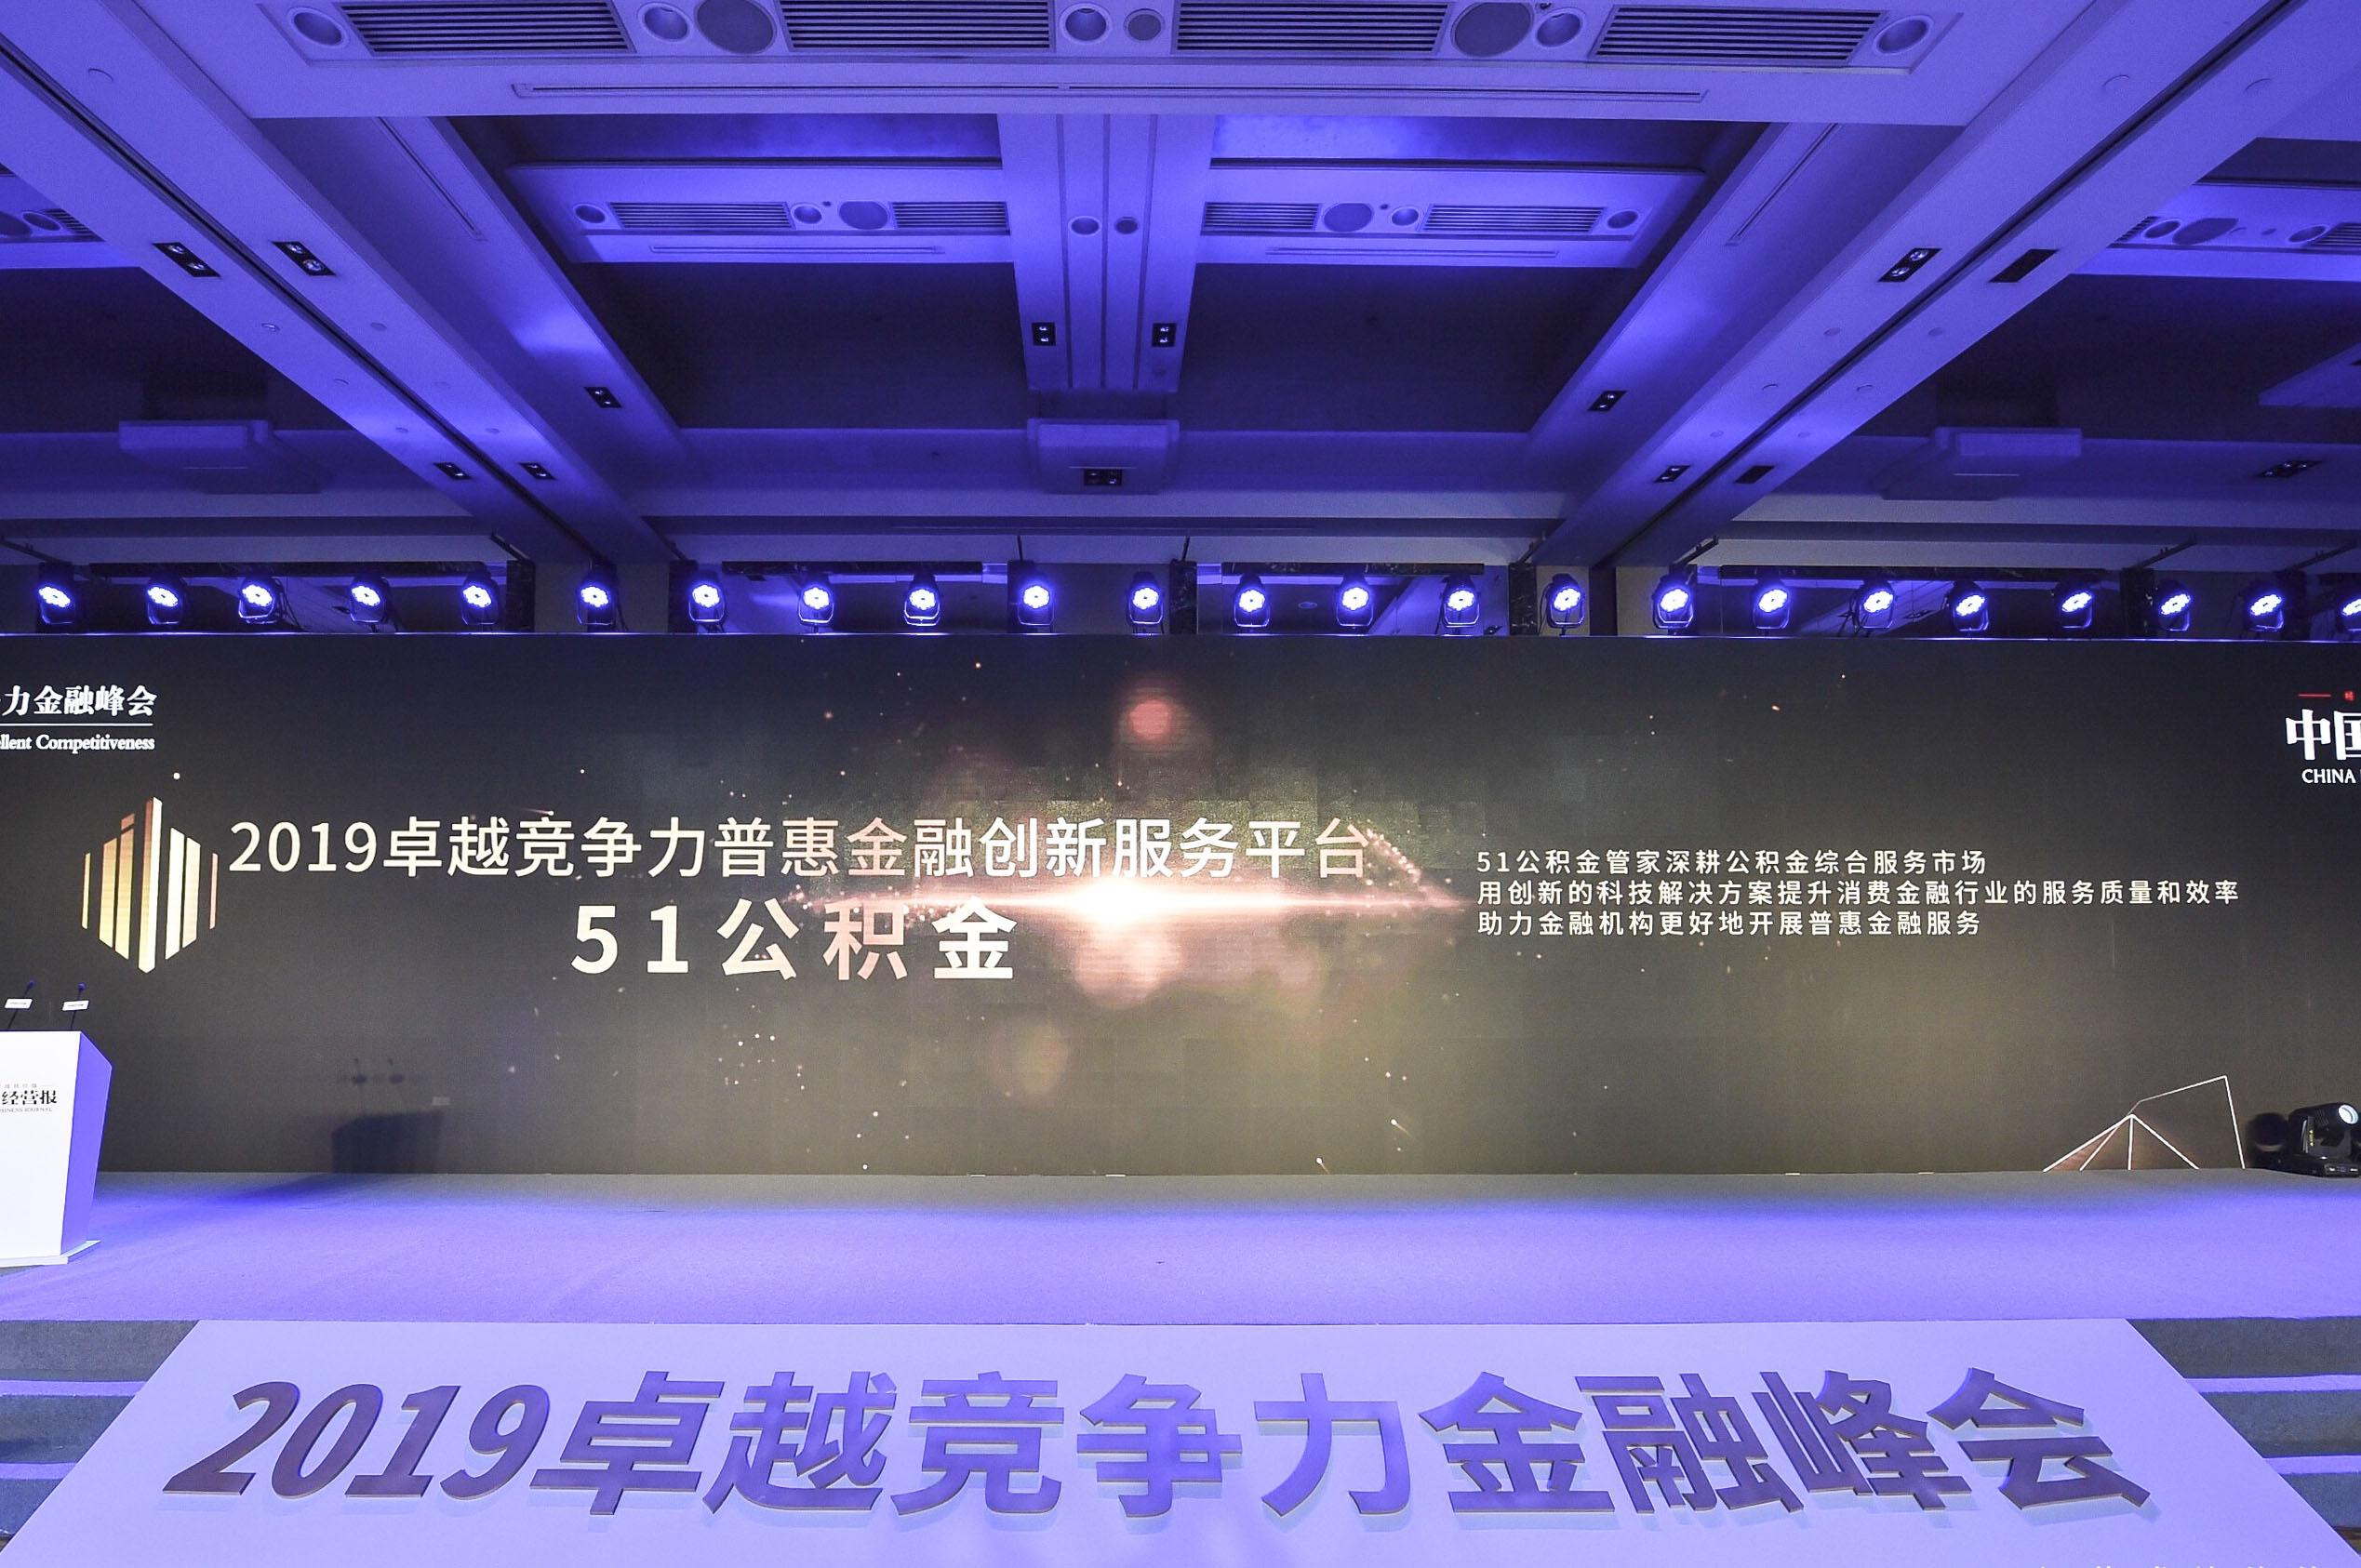 """51公积金荣膺""""2019卓越竞争力普惠金融创新服务平台"""""""